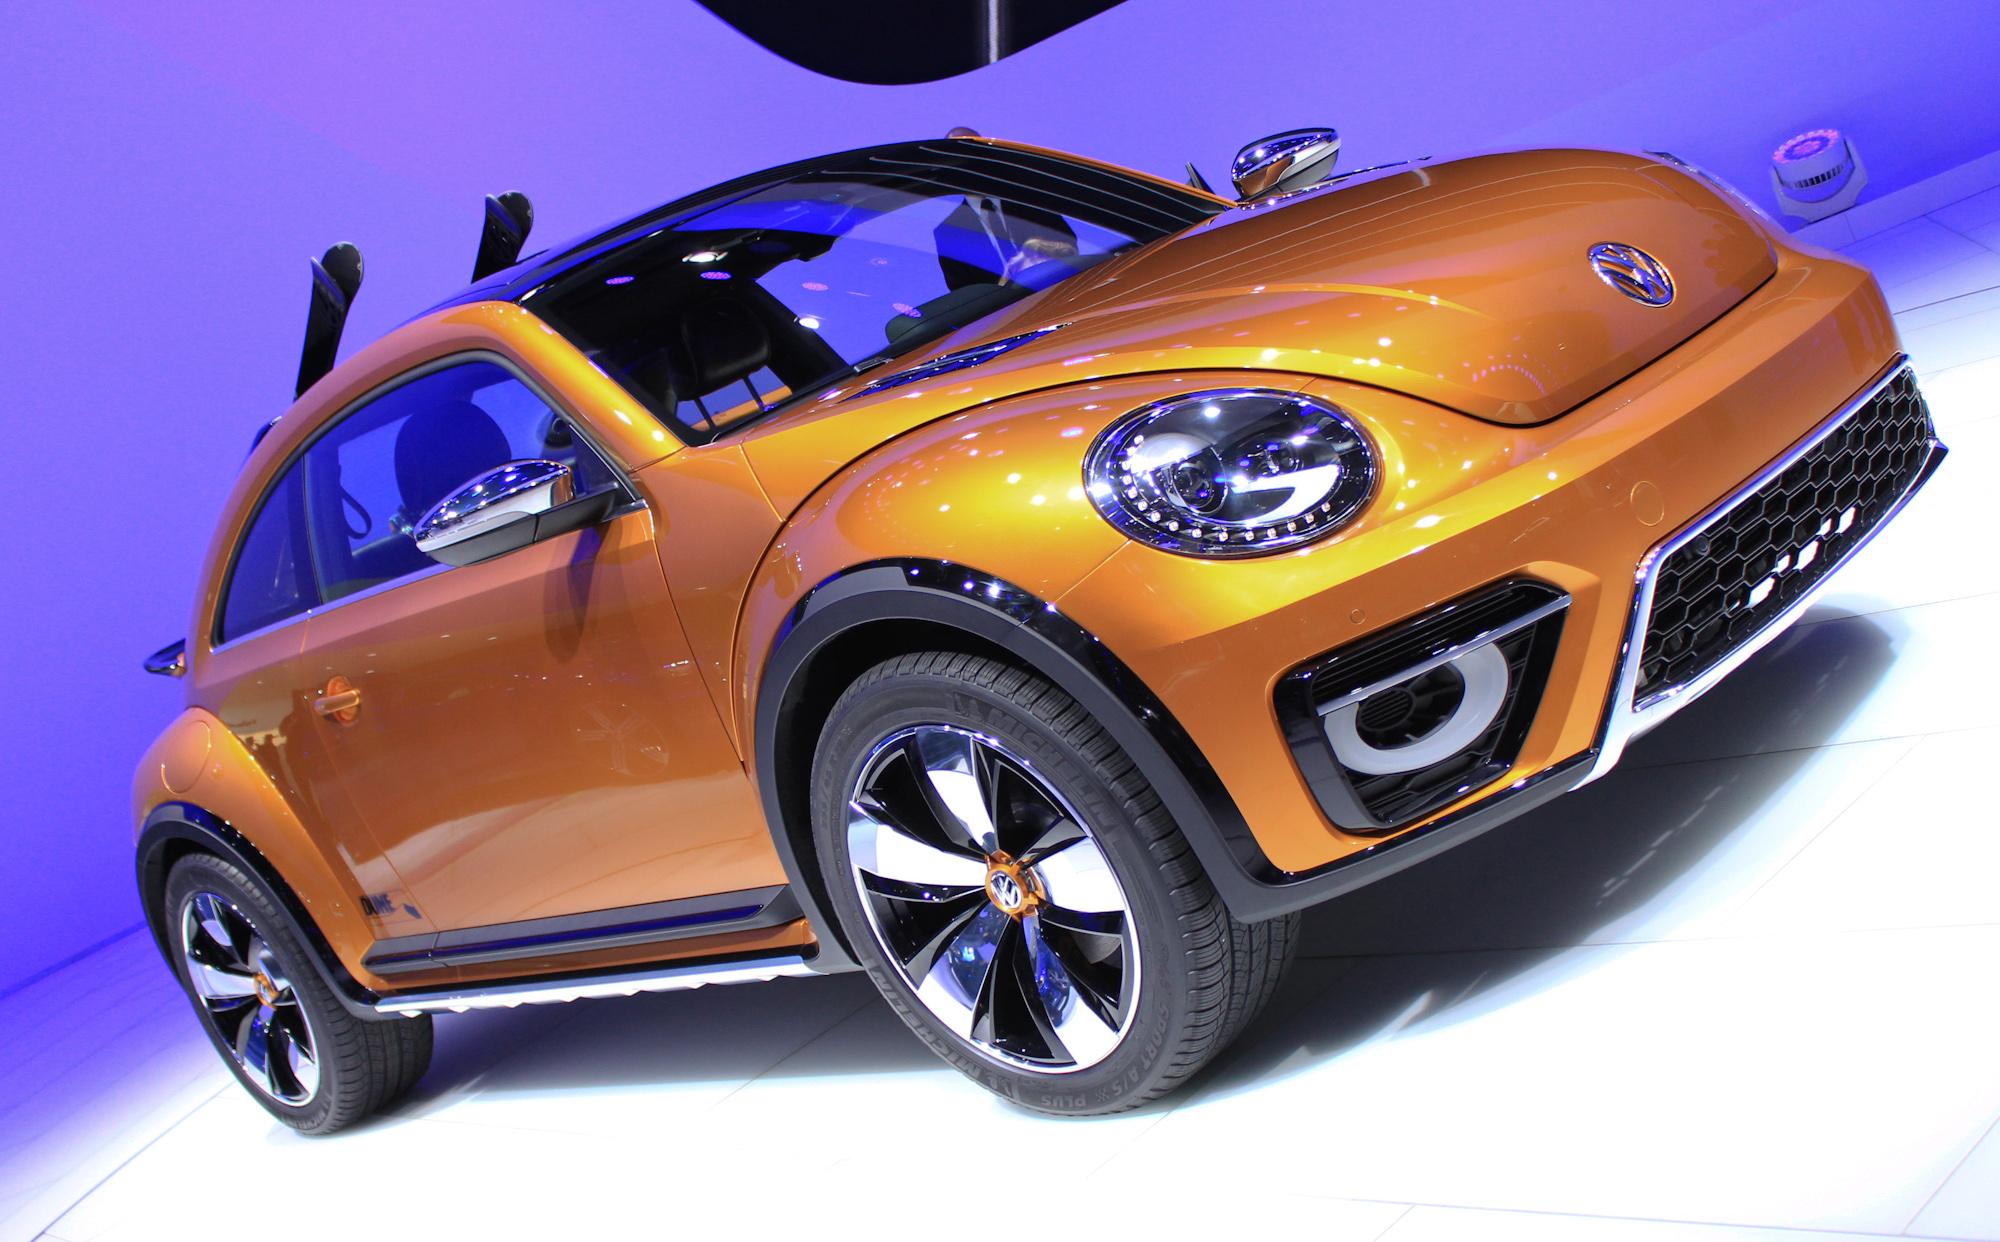 Vw Beetle Dune Off Road Concept 2014 Detroit Auto Show